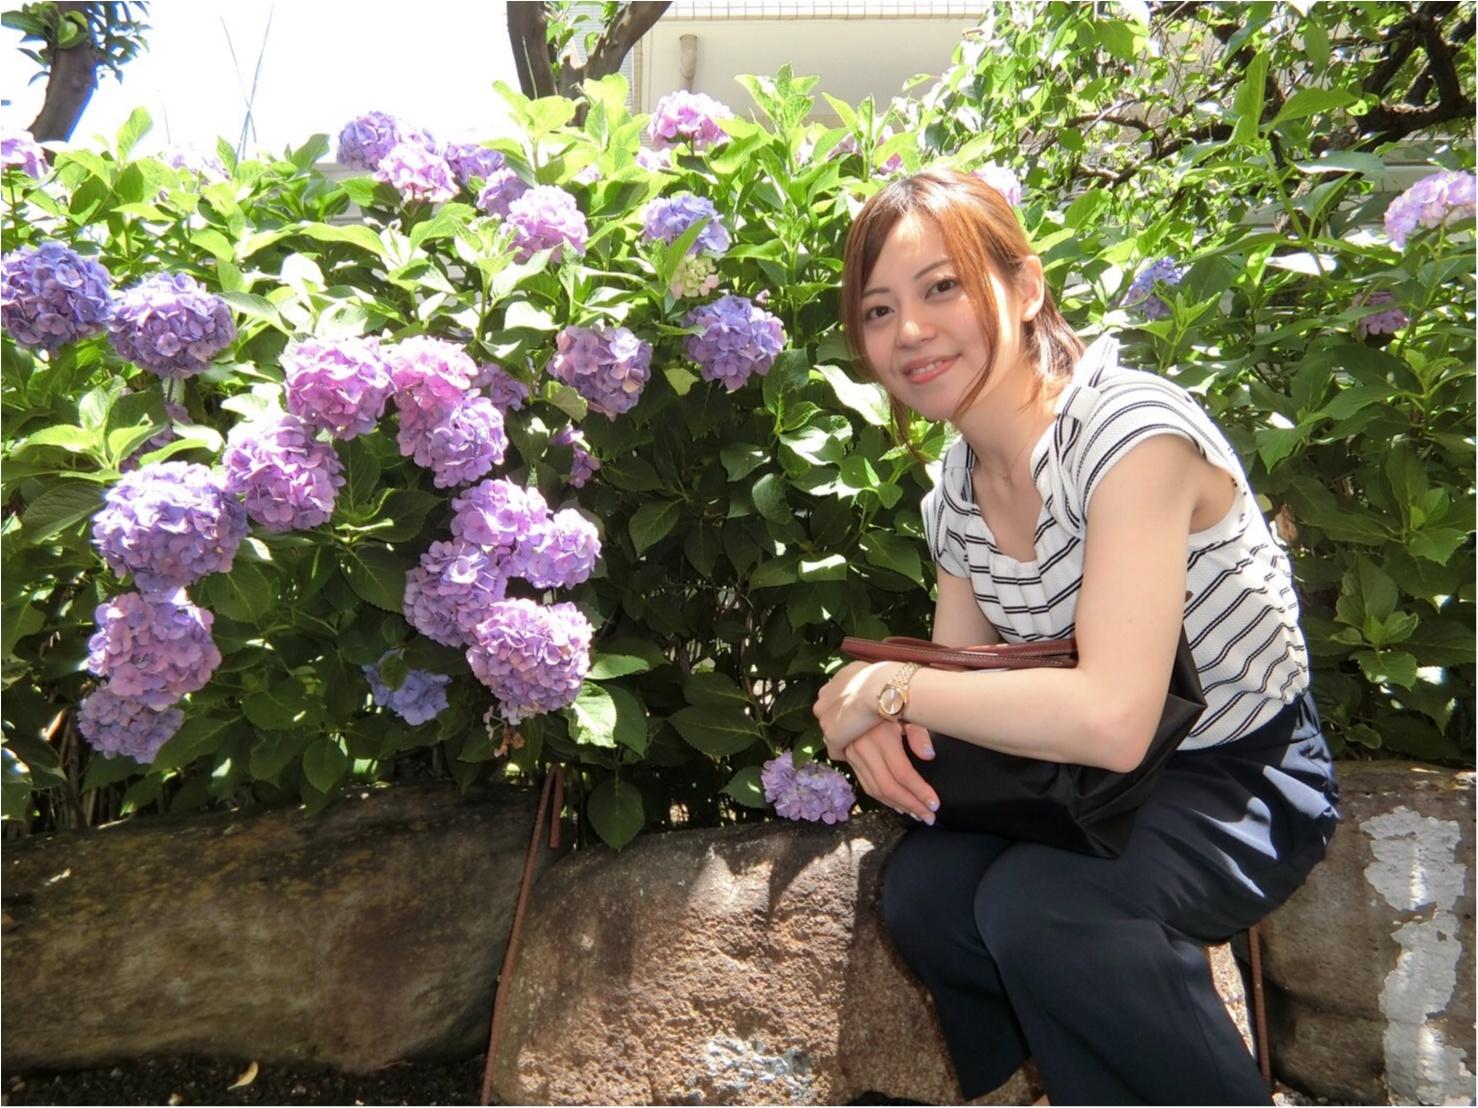 【今が見頃!】6月のおでかけは紫陽花まつりがおすすめ*写真映えするコーデのポイントも♡_7